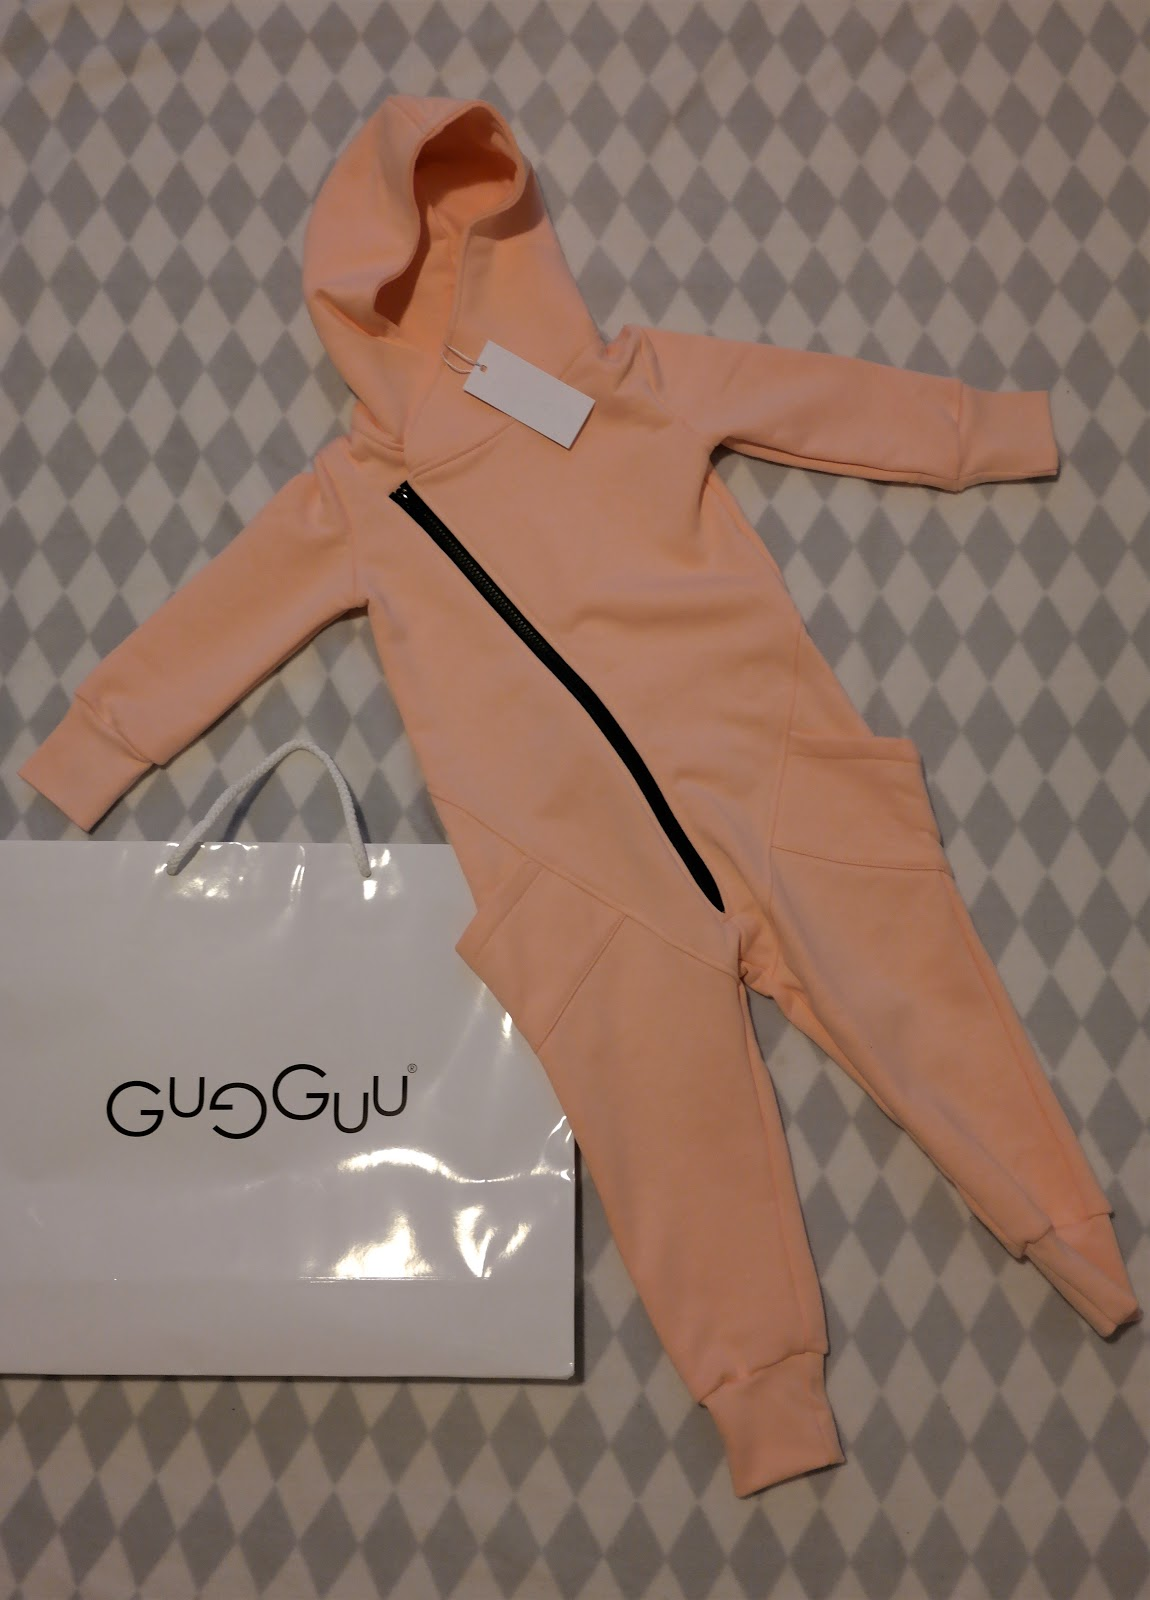 Gugguu-mamman outlet-löydöt